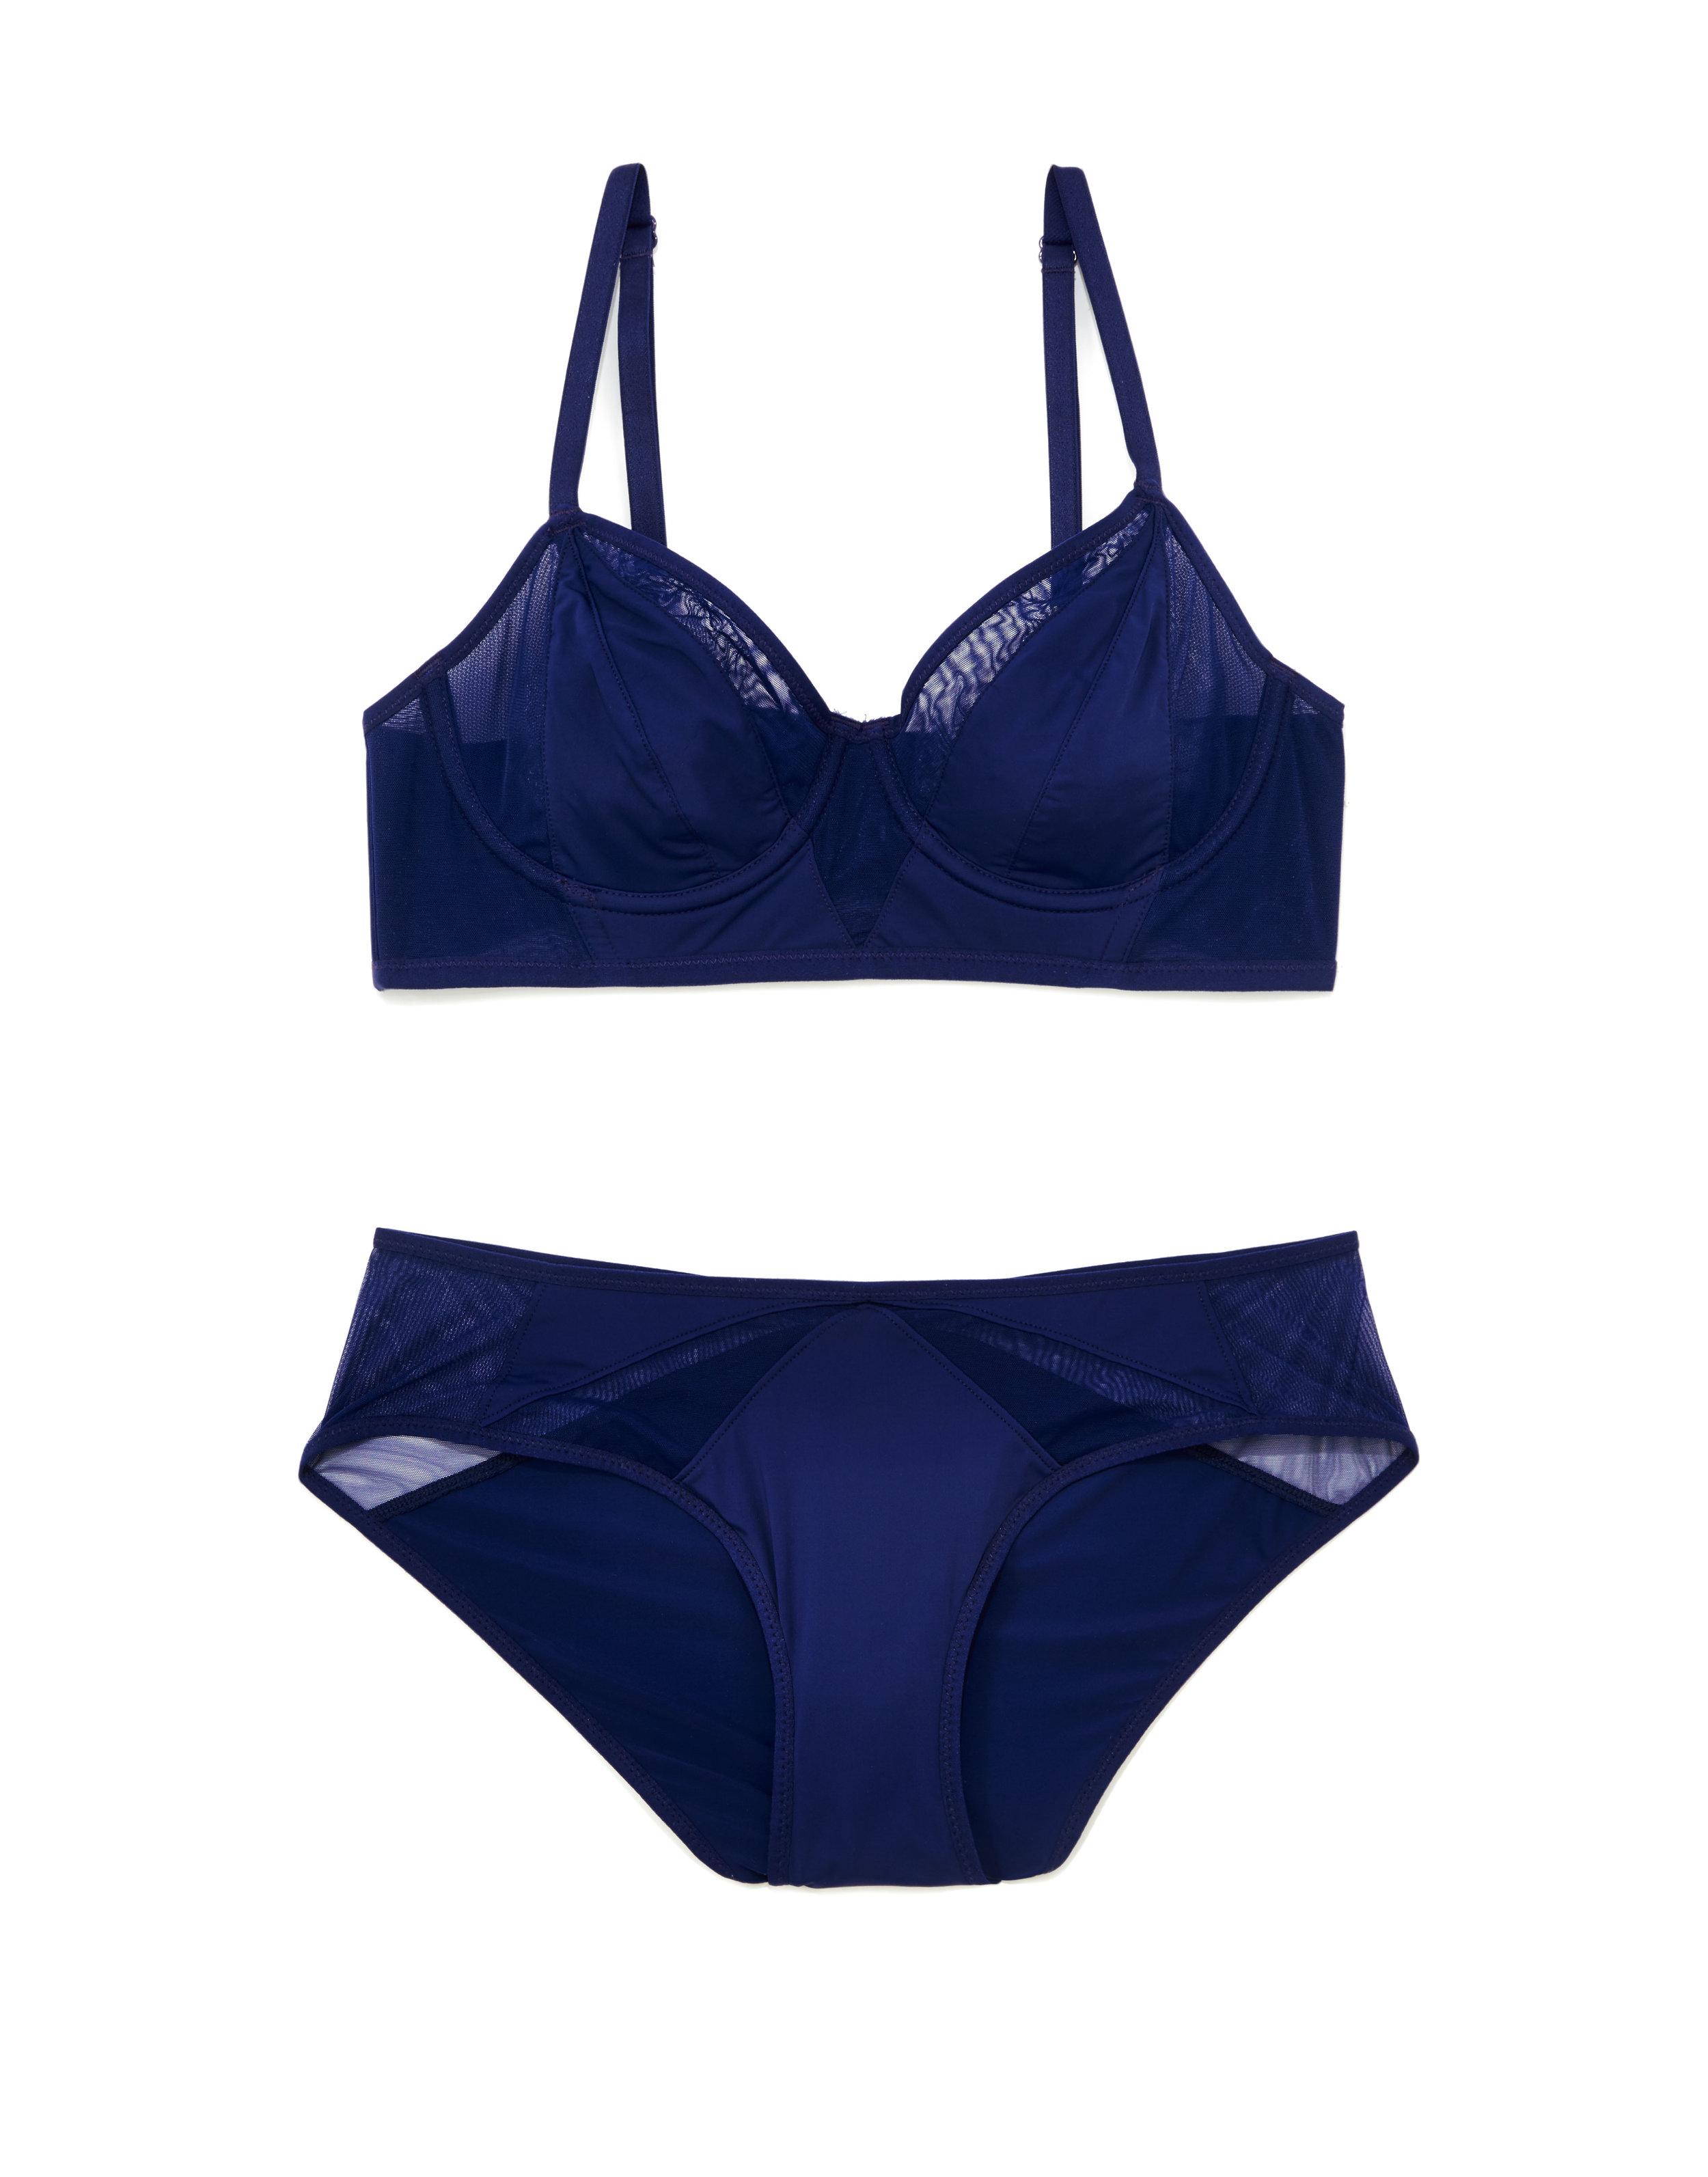 fa17_still_baley_unlined_bikini_web_baley-blue-unlined-balconette-bra-for-women.jpg